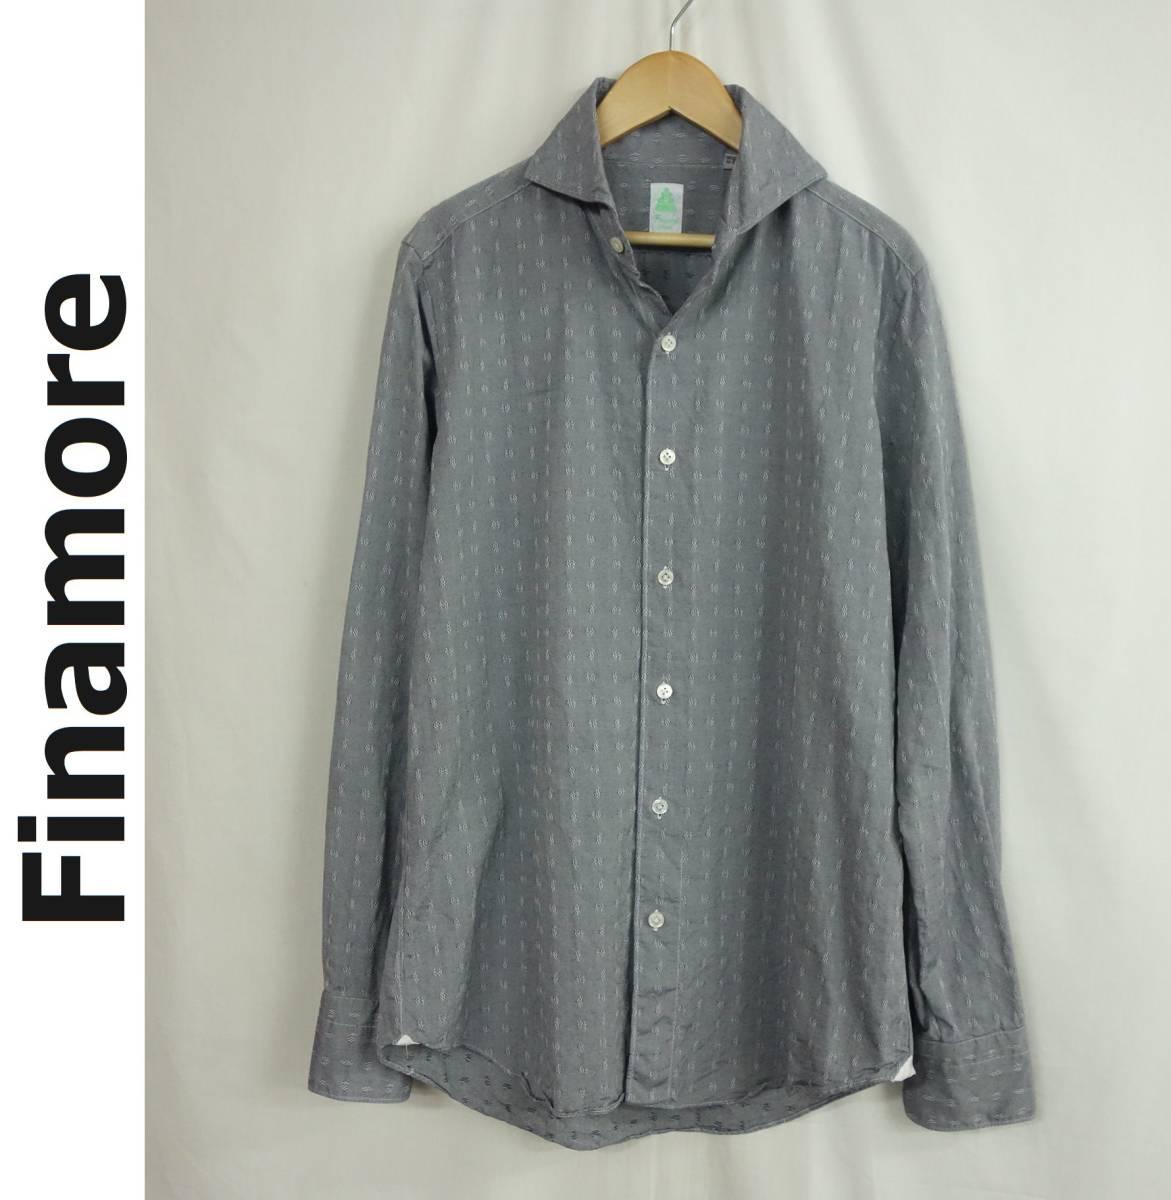 美品 Finamore フィナモレ ホリゾンタルカラー 織り柄 カッタウェイシャツ グレー 39 メンズ M位 春物 イタリア製